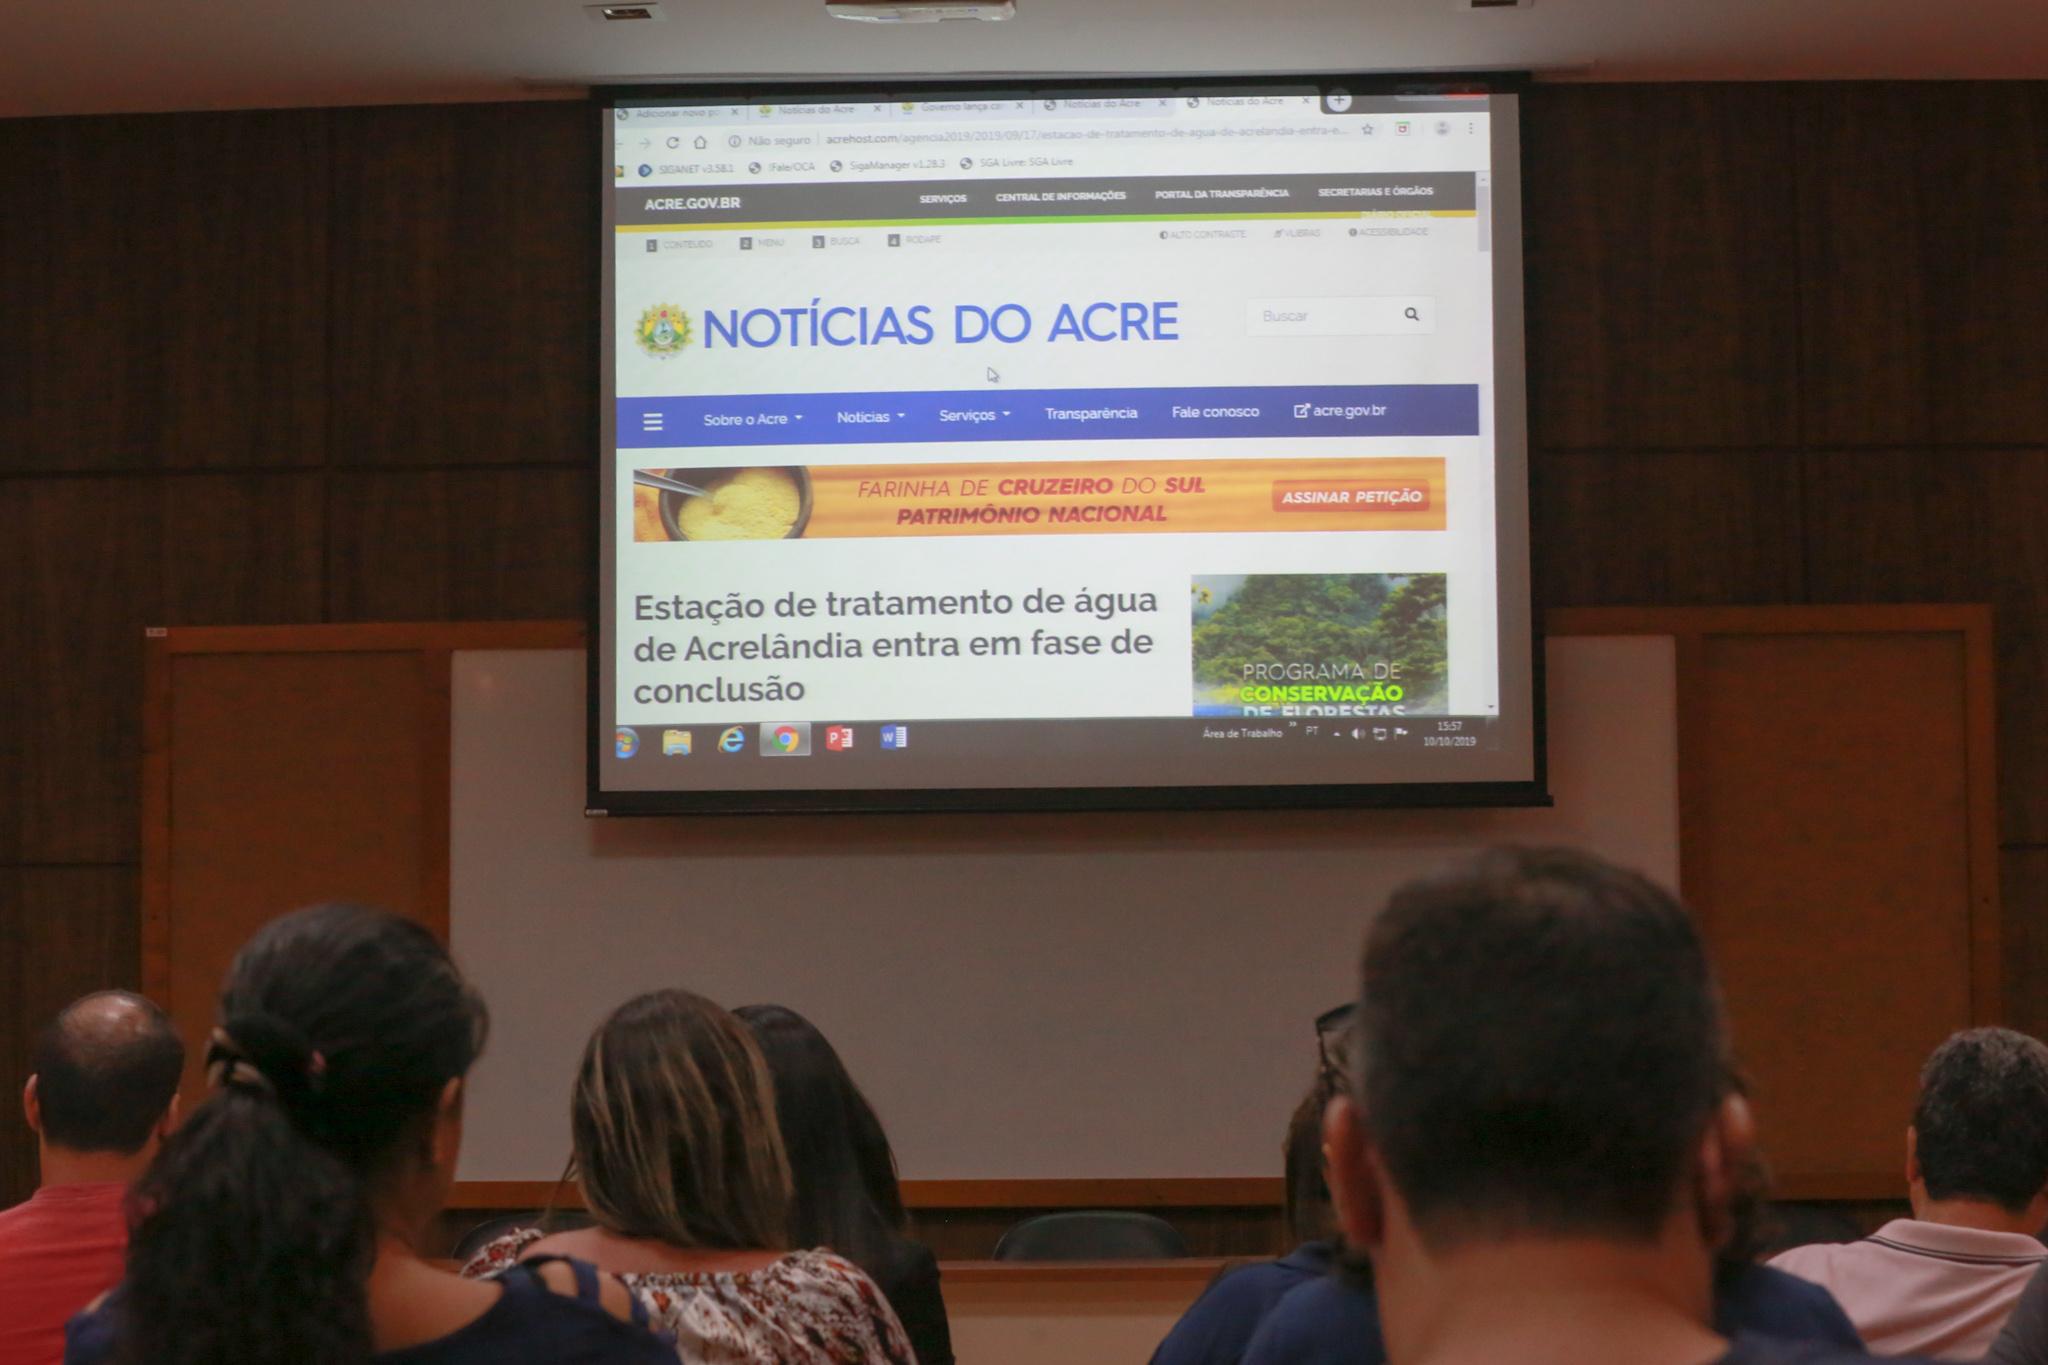 Comunicação do Estado lança novo site da Agência de Notícias nesta segunda-feira